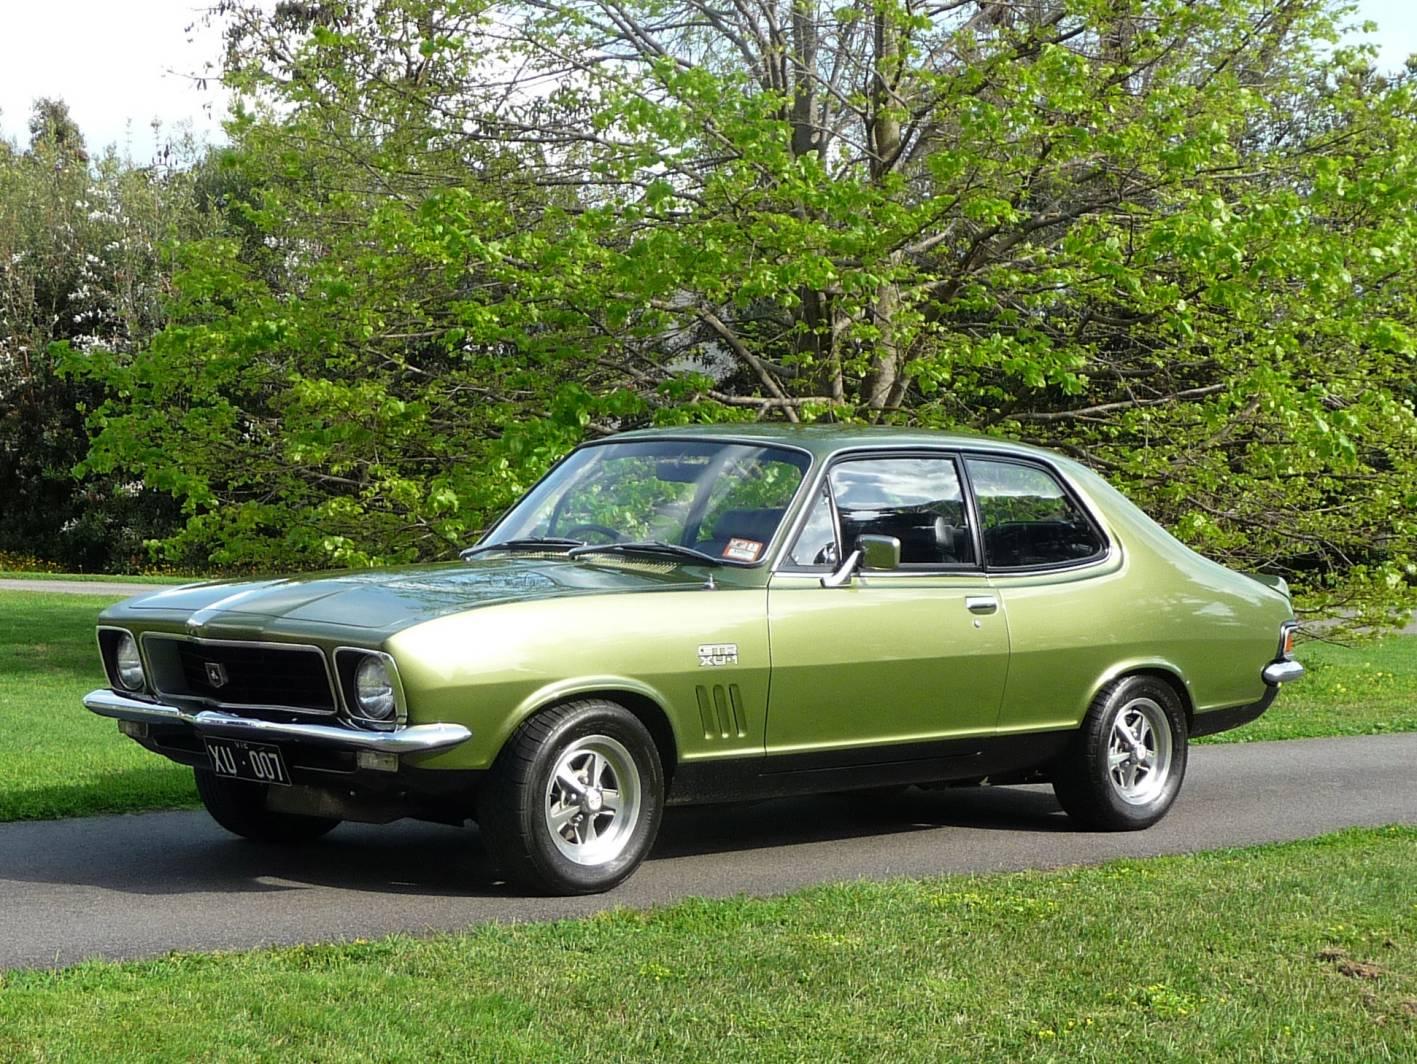 1972 Holden Torana Xu 1